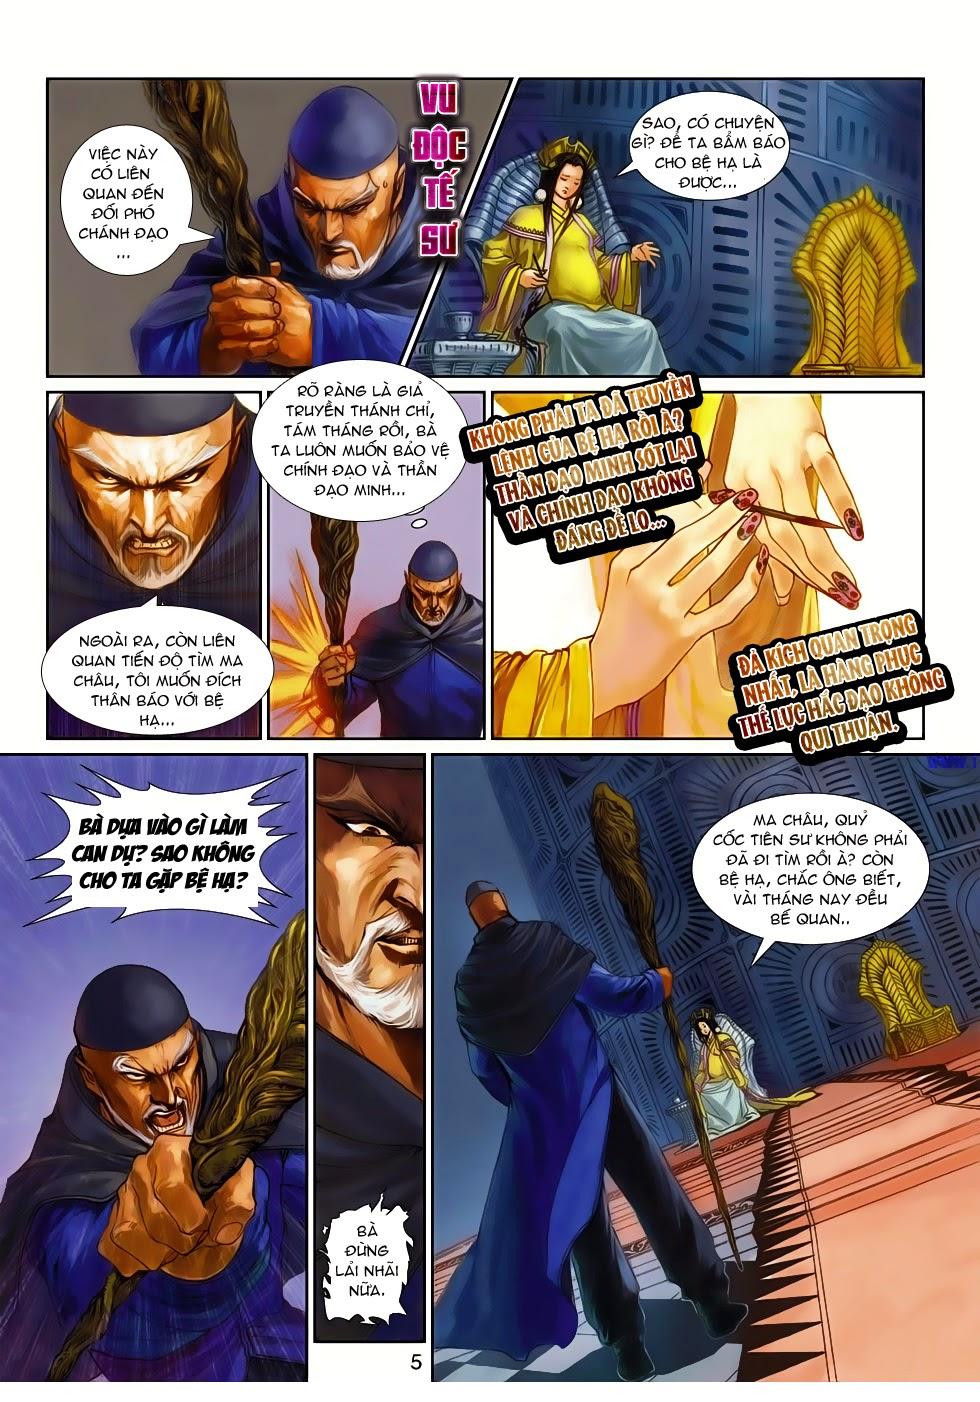 Thần Binh Tiền Truyện 4 - Huyền Thiên Tà Đế chap 14 - Trang 5